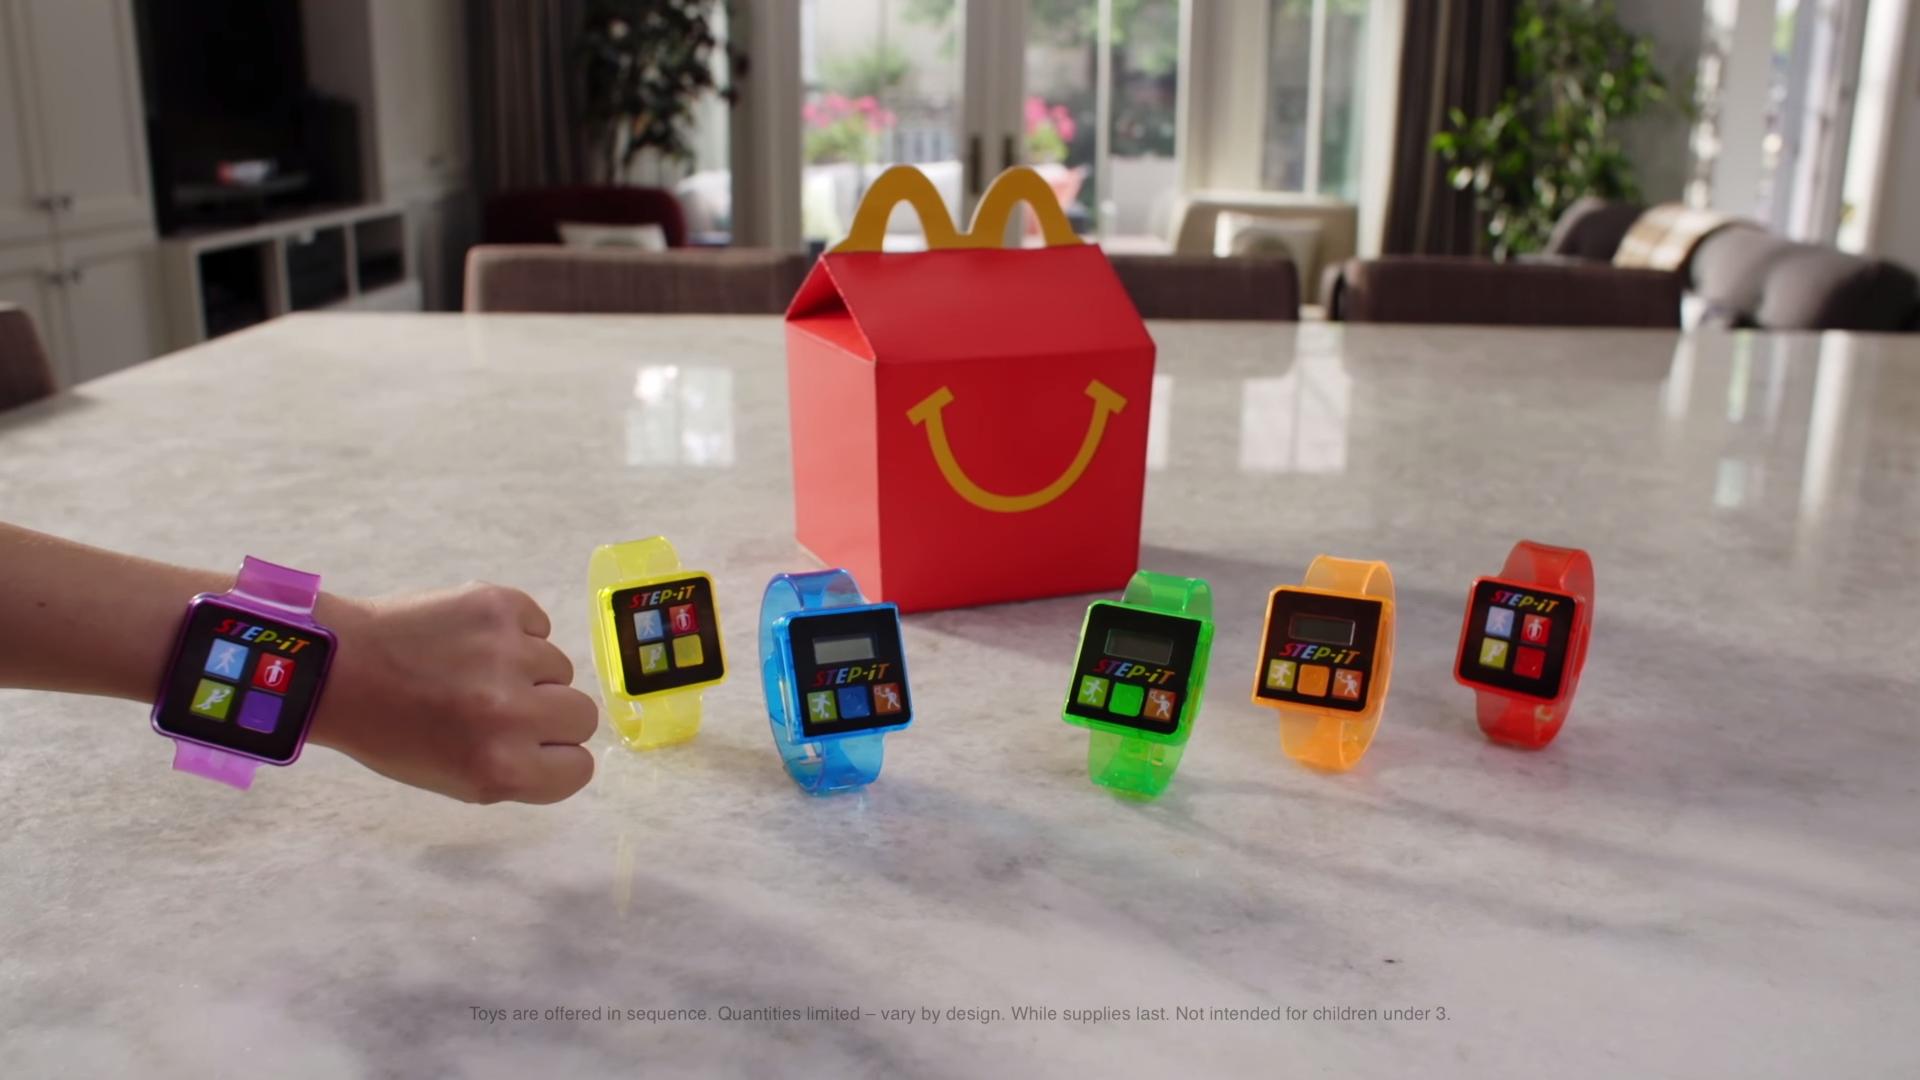 Pulseras para monitorear el ejercicio: el nuevo juguete de la Cajita Feliz de McDonald's